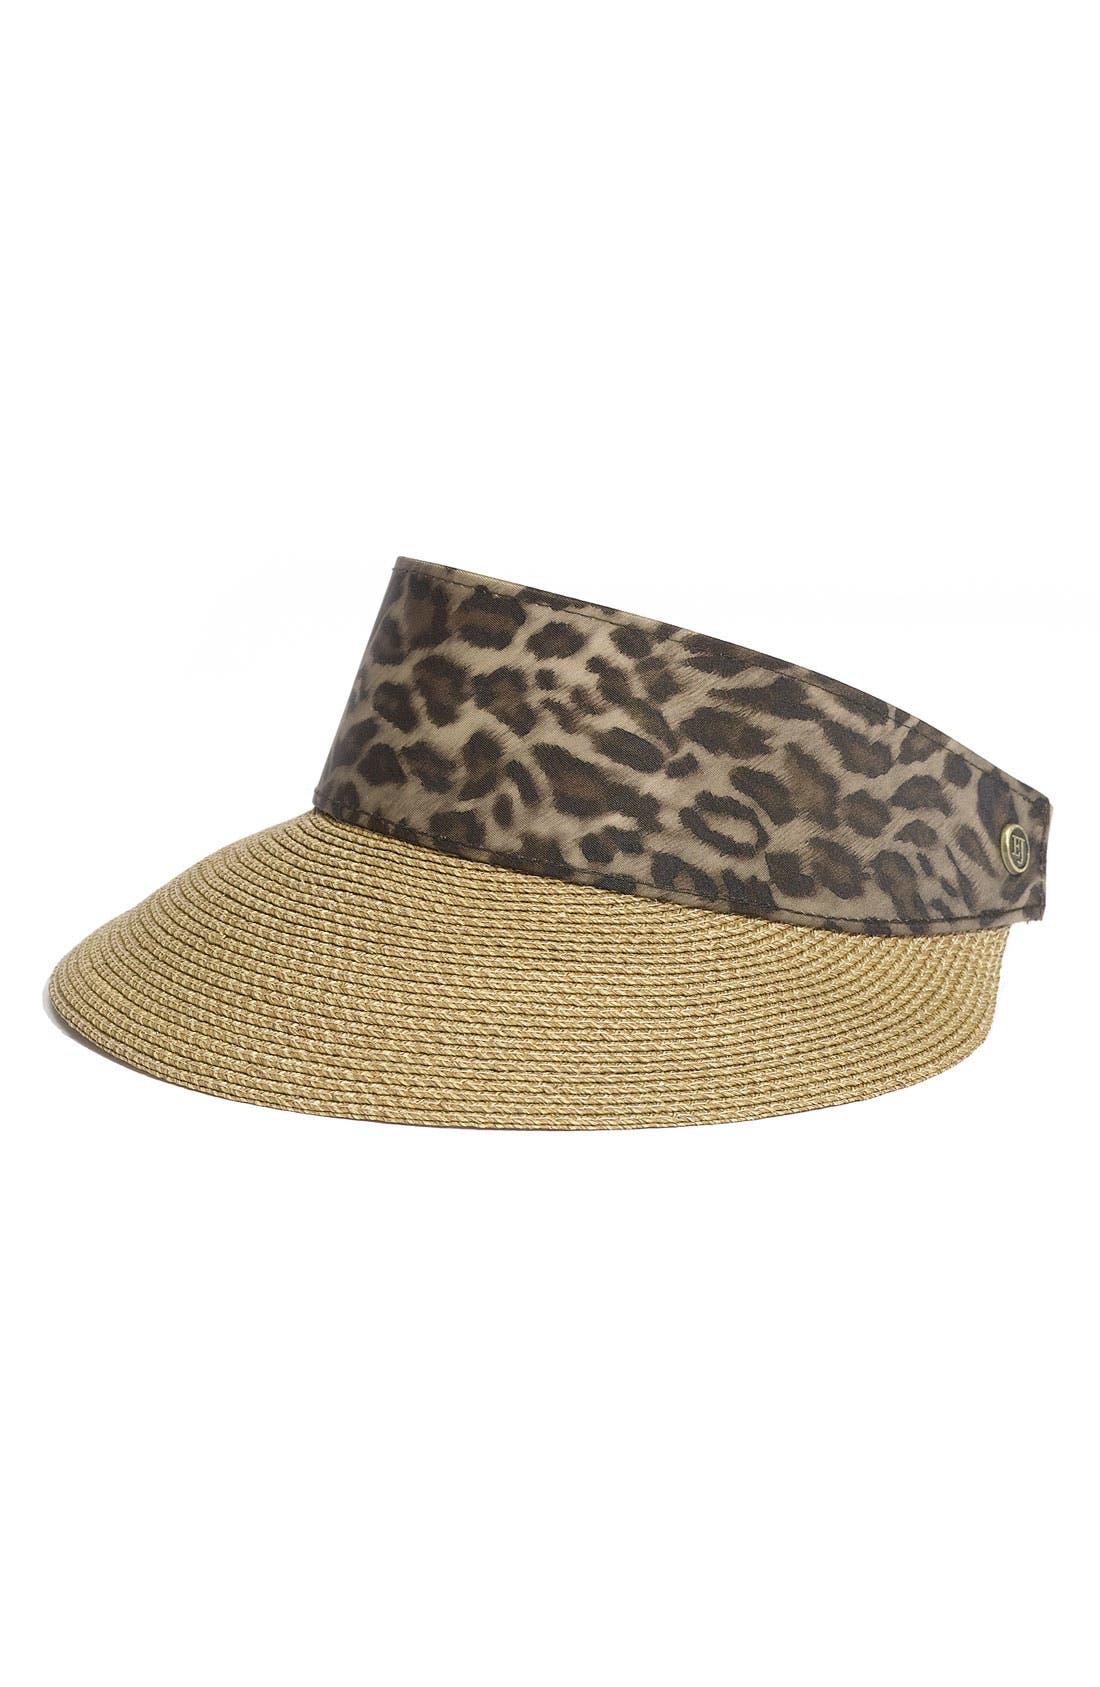 65203bc71329b Women s Sun   Straw Hats